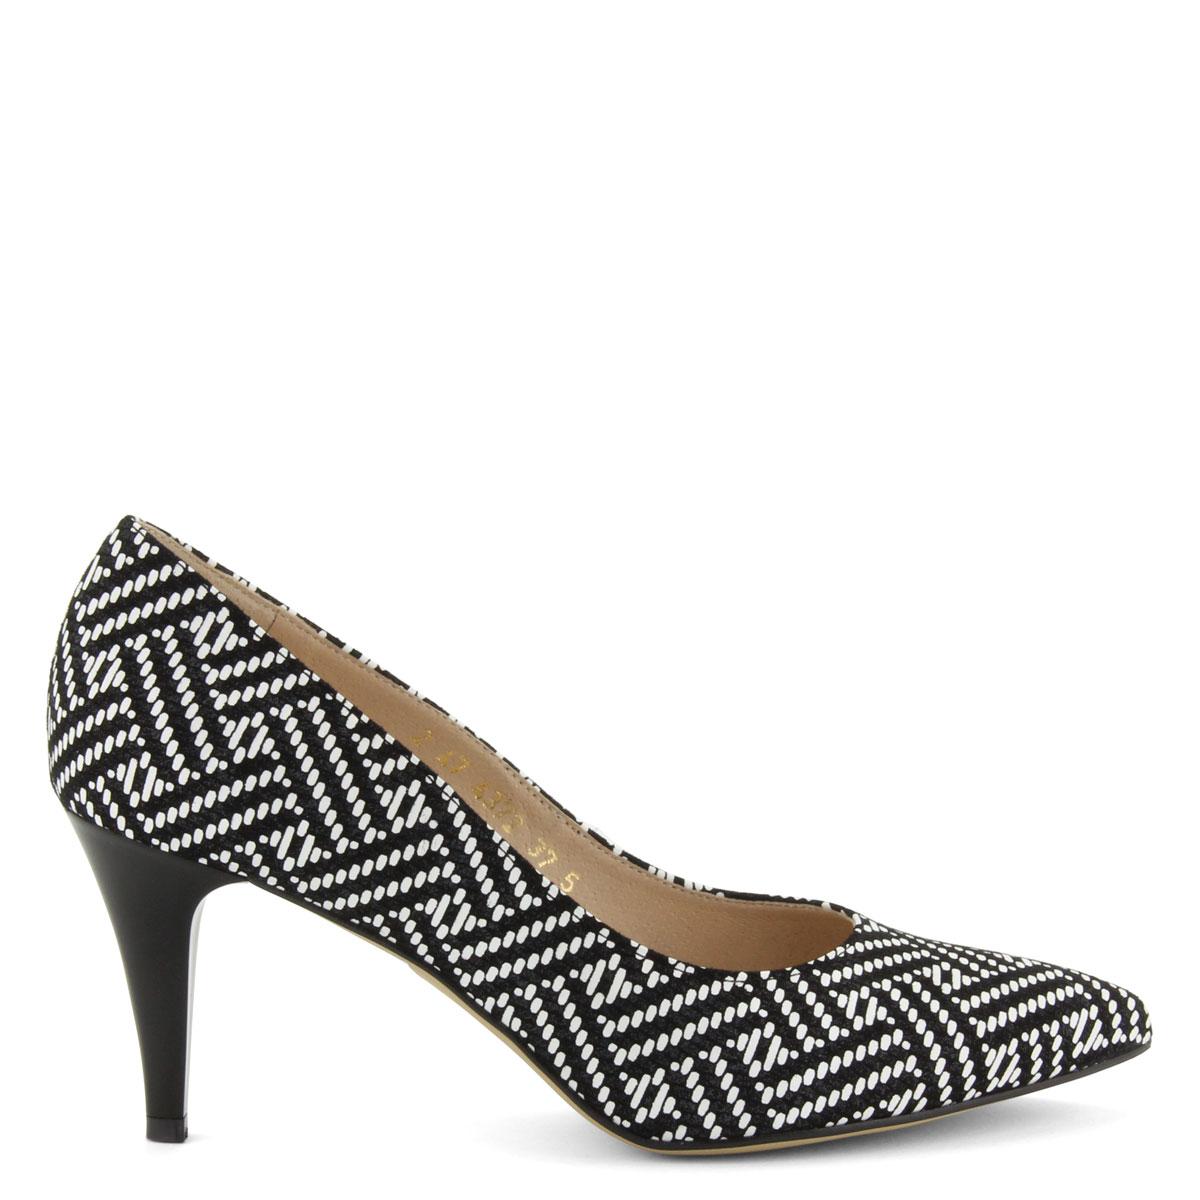 65046f3d4b Fekete-fehér színű, hegyes orrú női cipő mintás bőr felsőrésszel, 7,5 ...